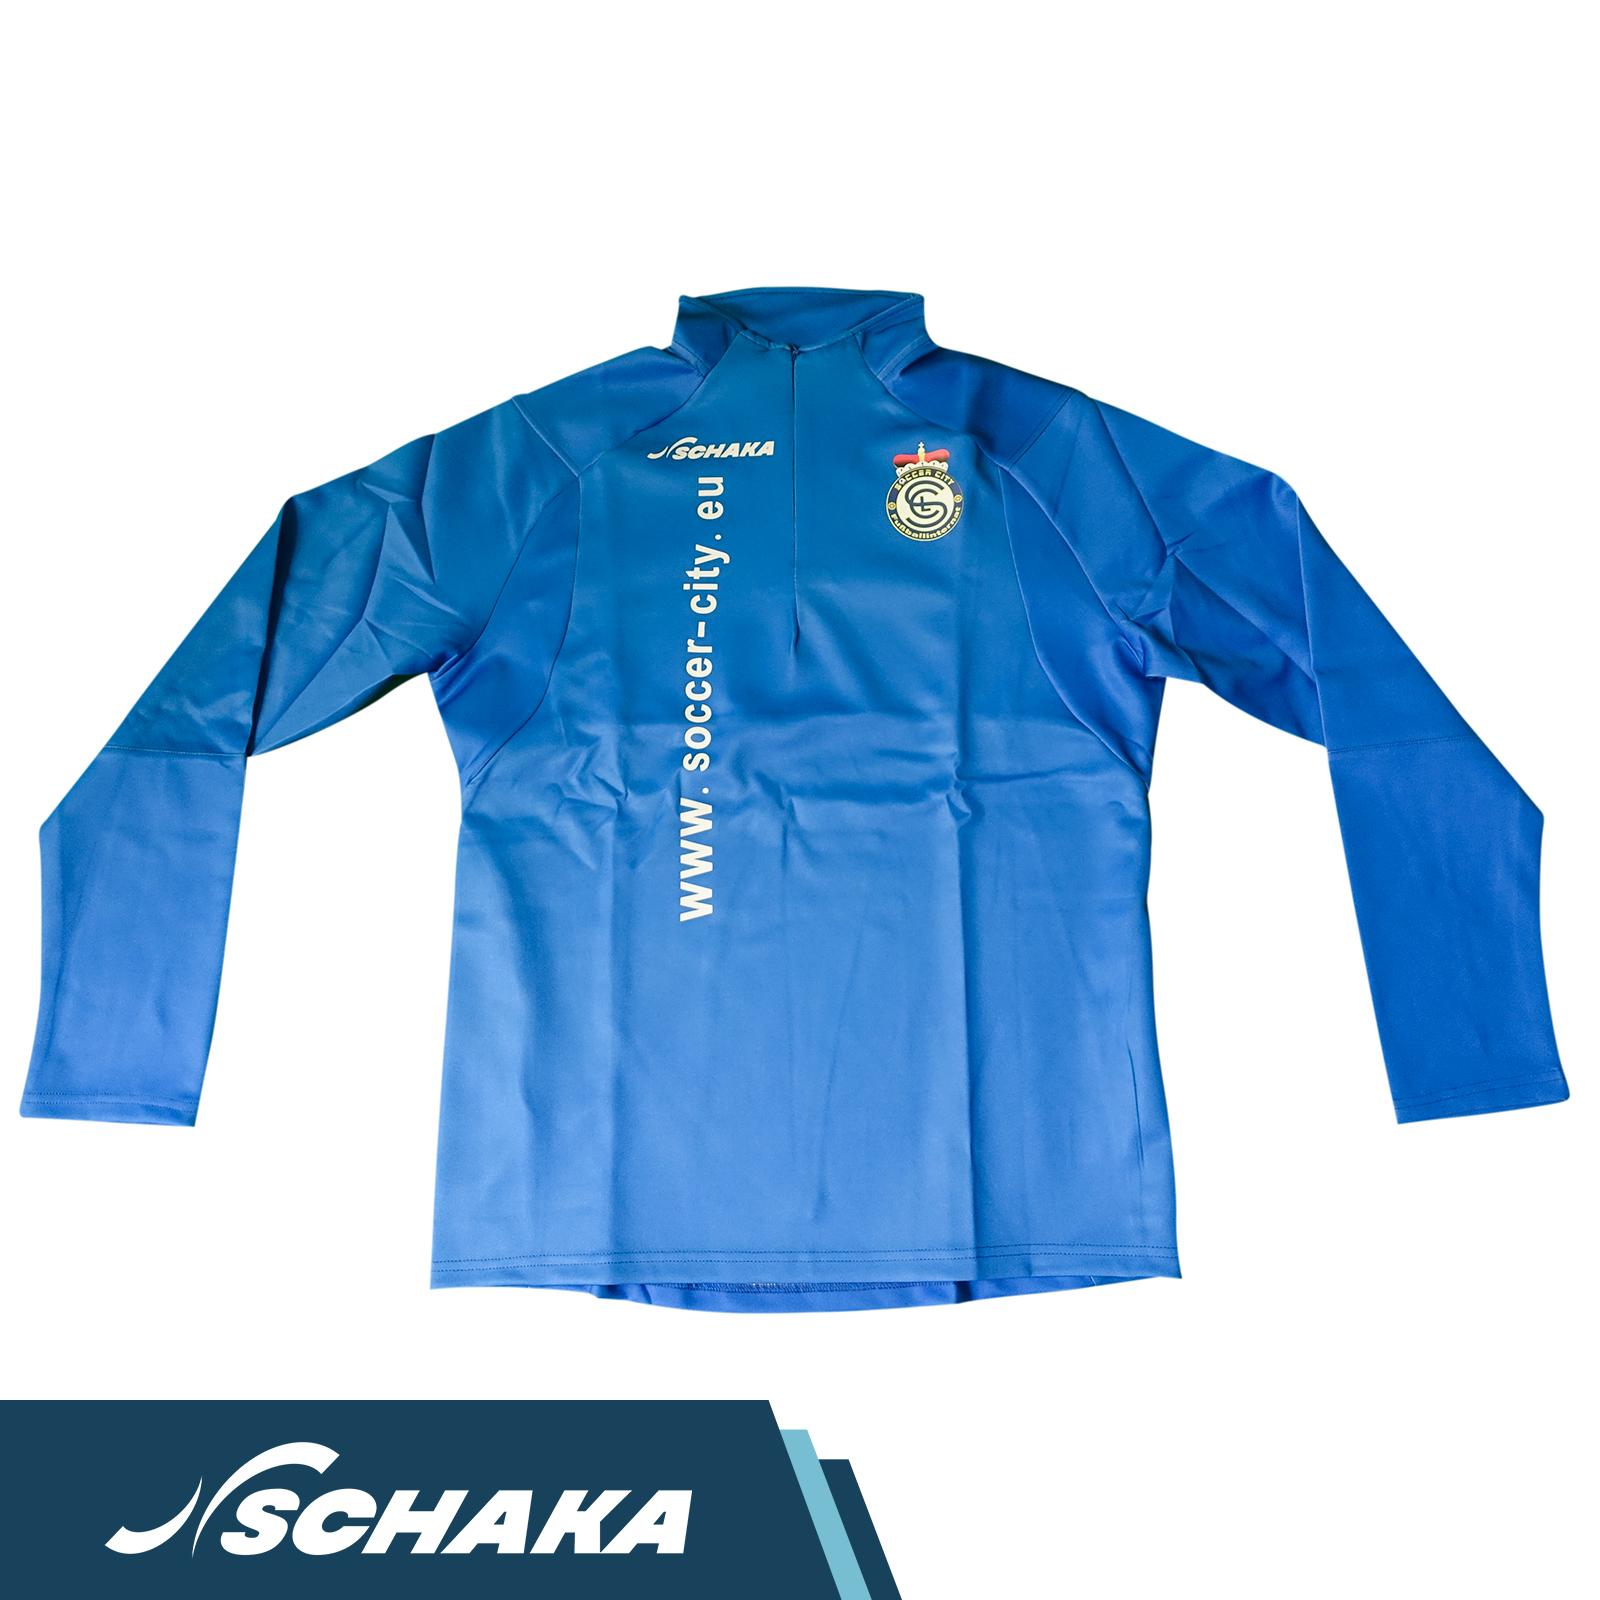 Schaka Zip Top MUA Soccer City Edition